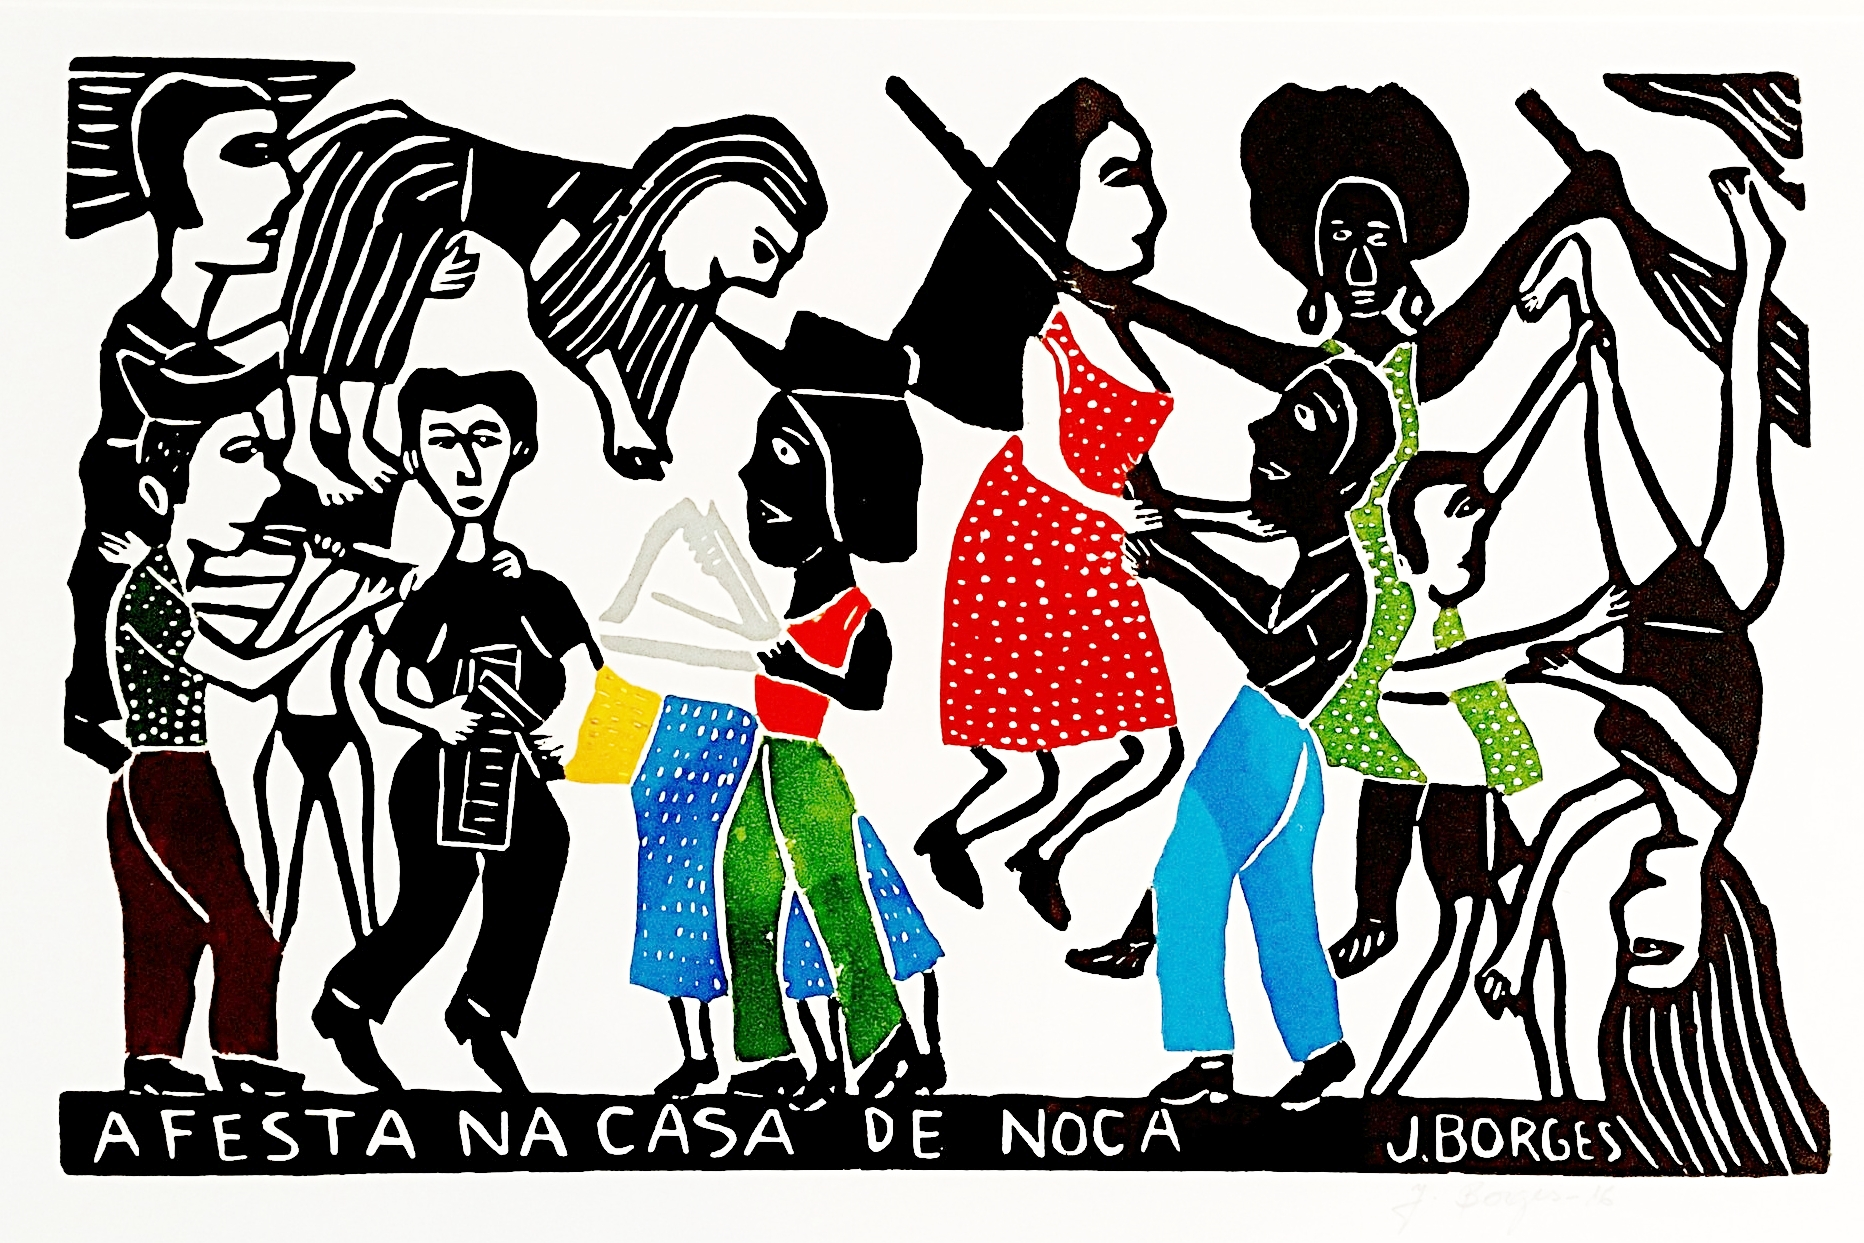 A Festa, woodcut print, paper, framed, J.Borges, Pernambuco, $ 450.00